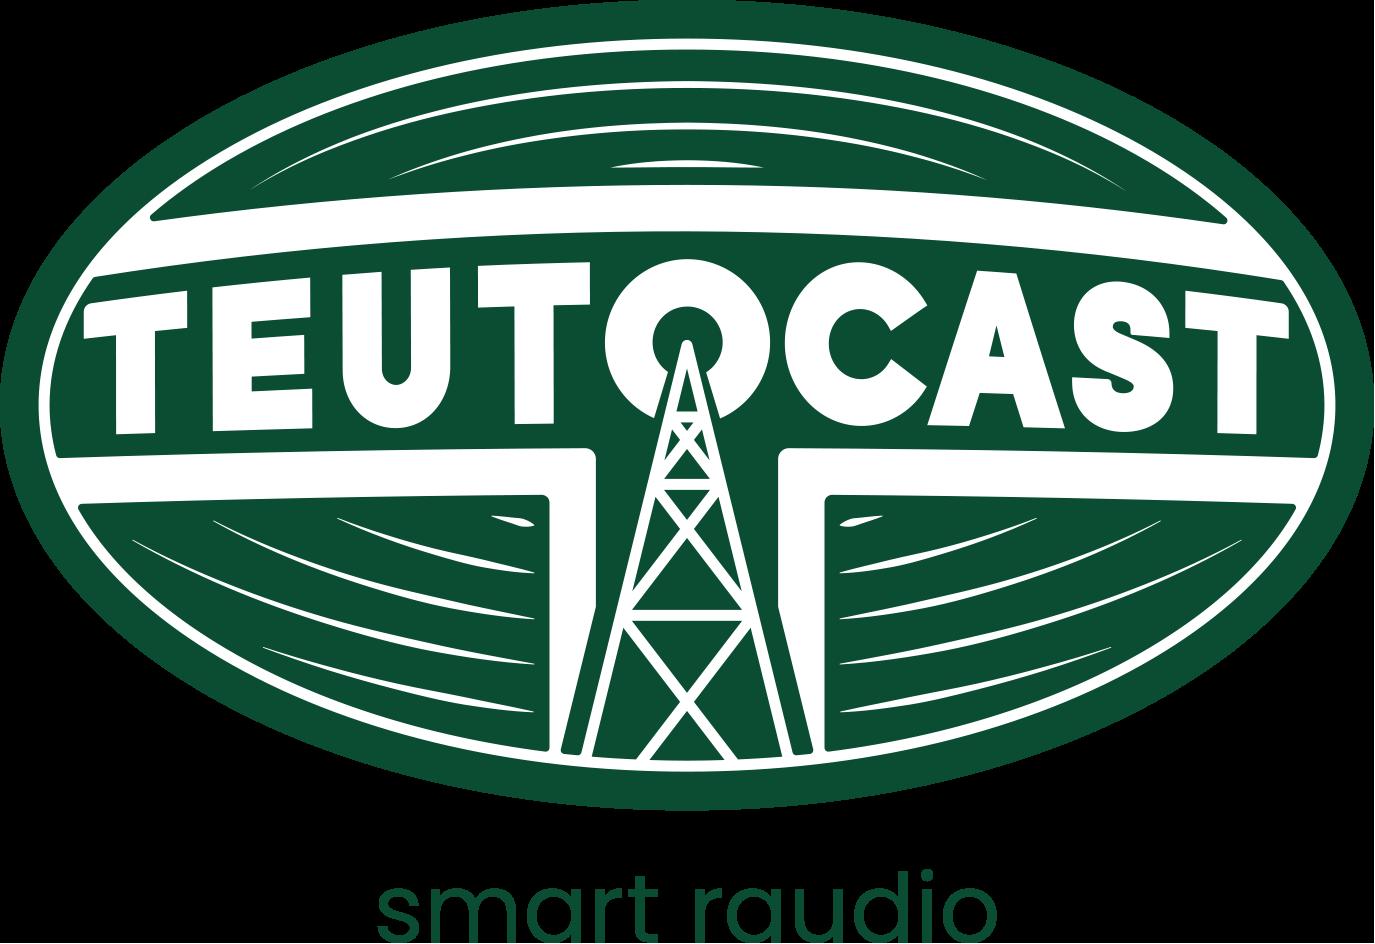 TEUTOCAST Logo